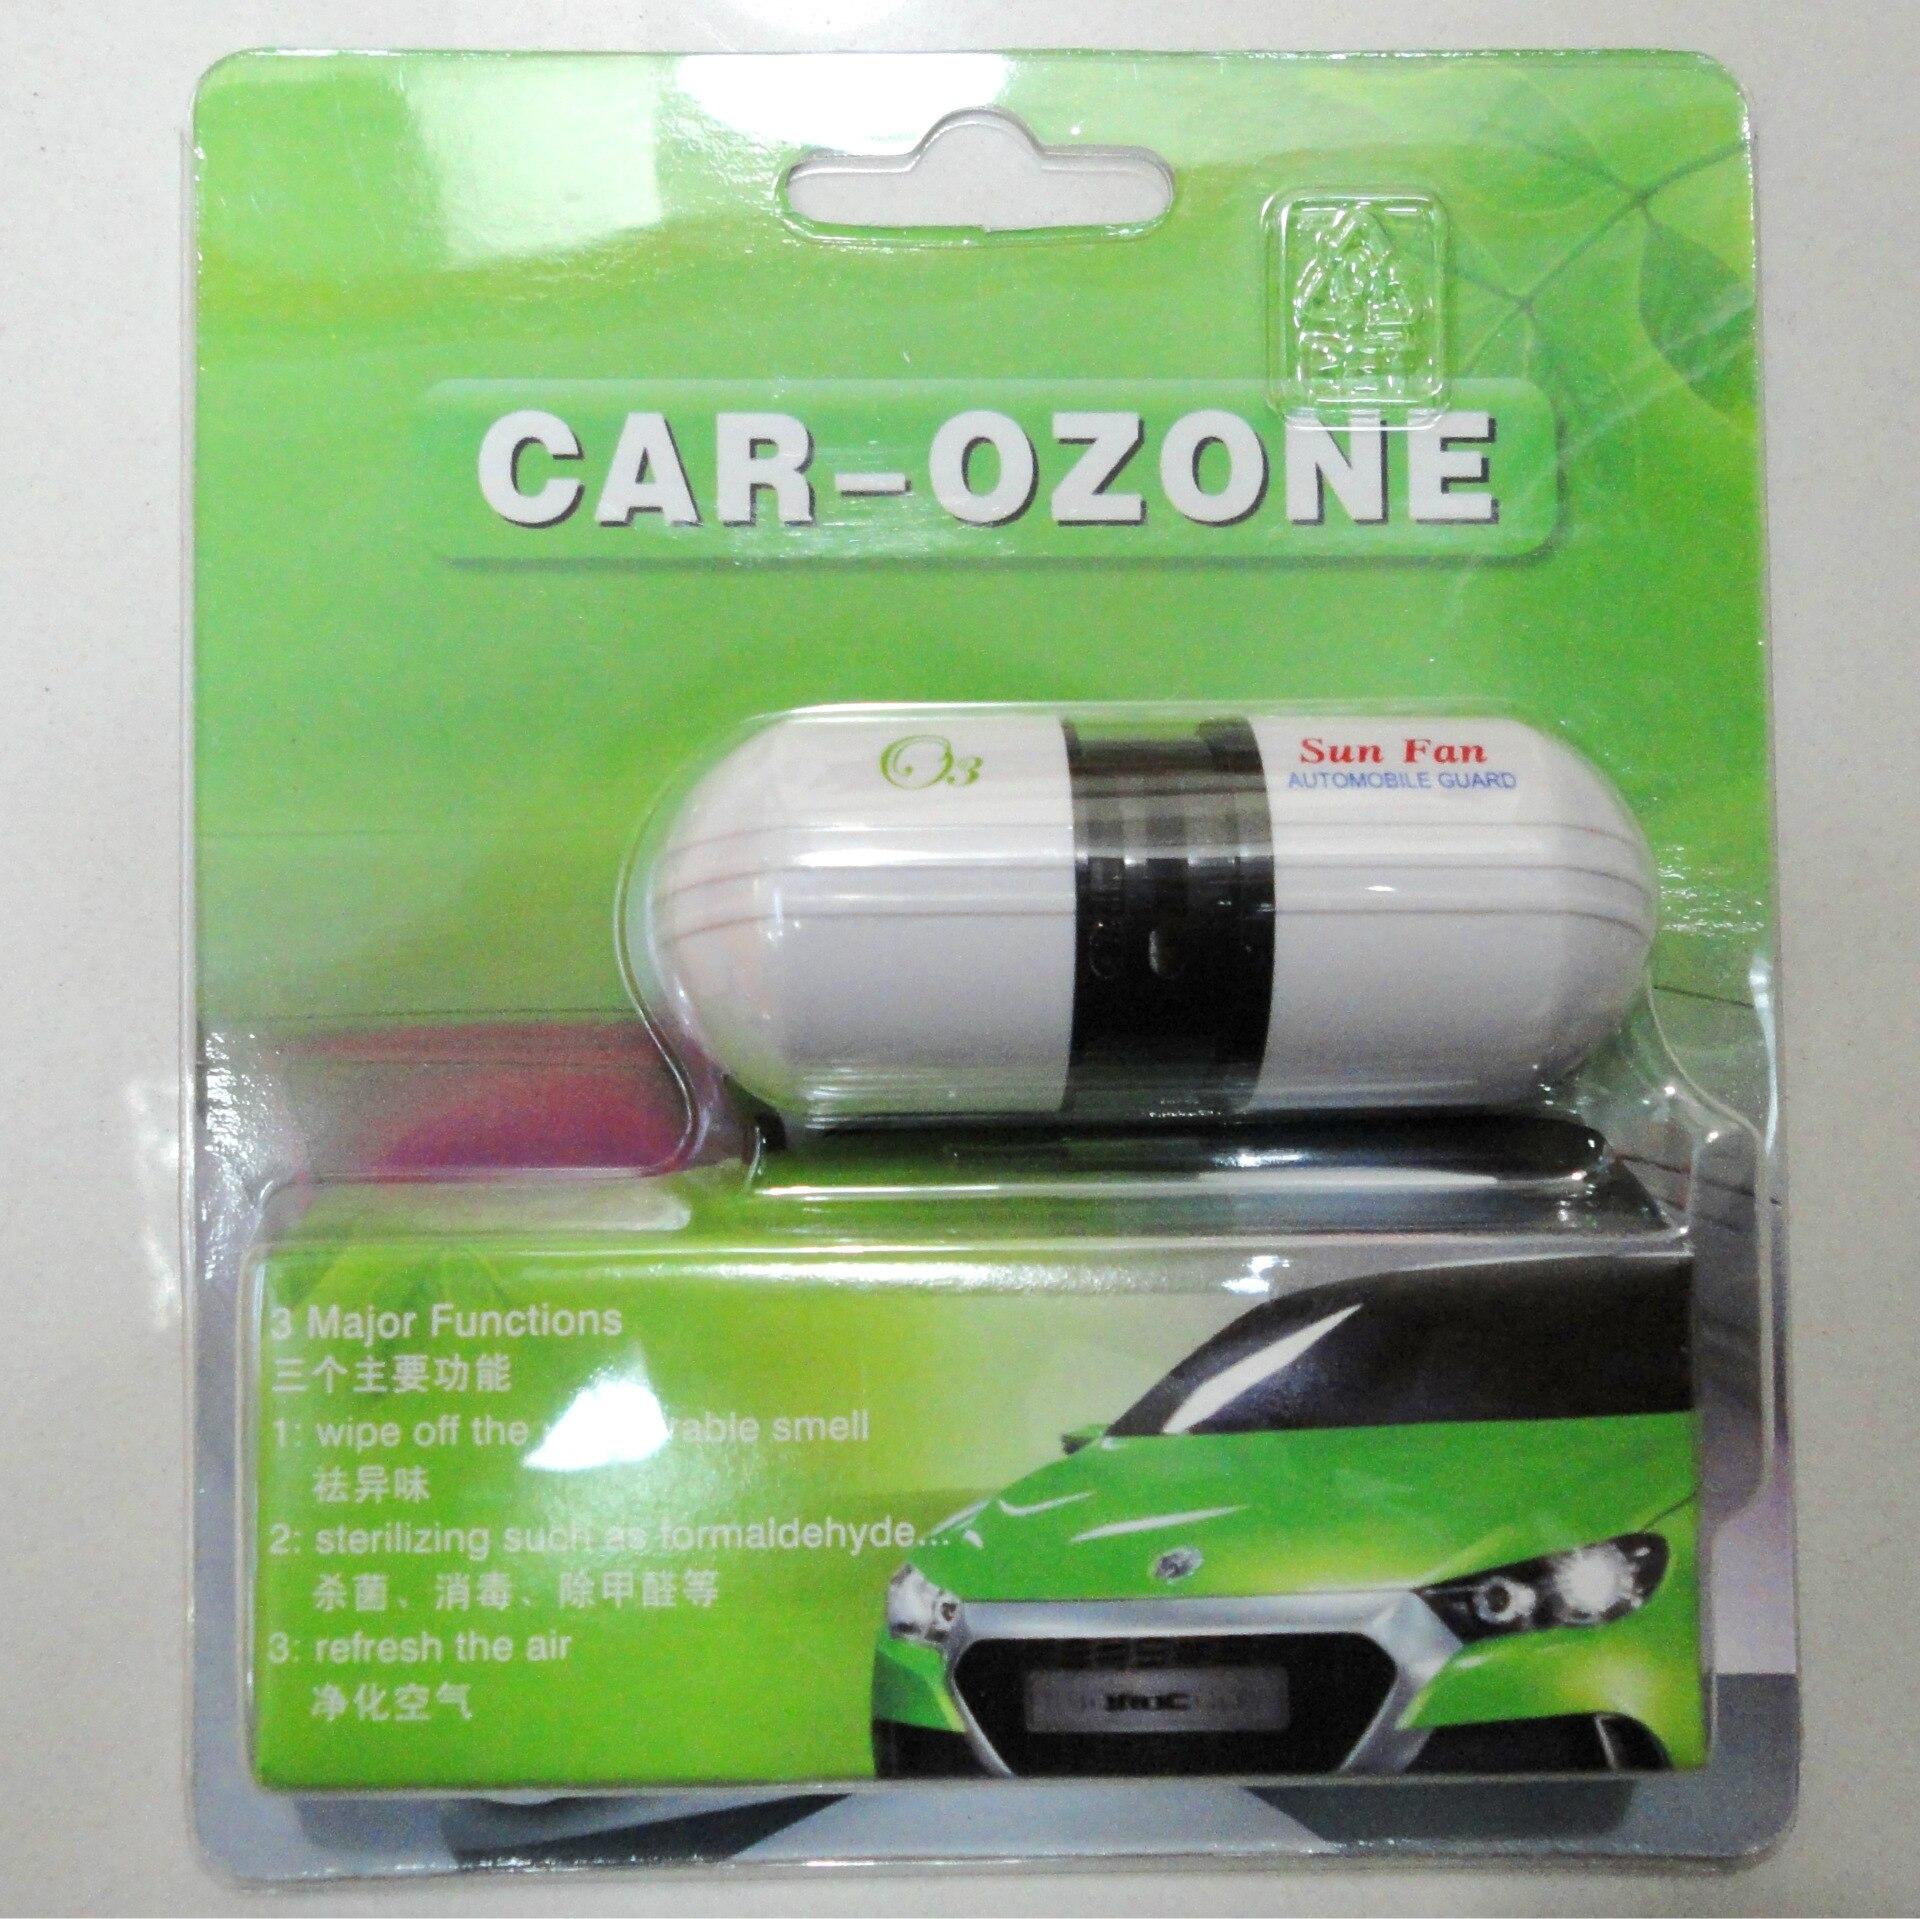 Auto Luft Reiniger Ozon Generator Ozonizador Ozon Luft Reiniger Ozonisator Auto Ozonator Deodorant Für Auto